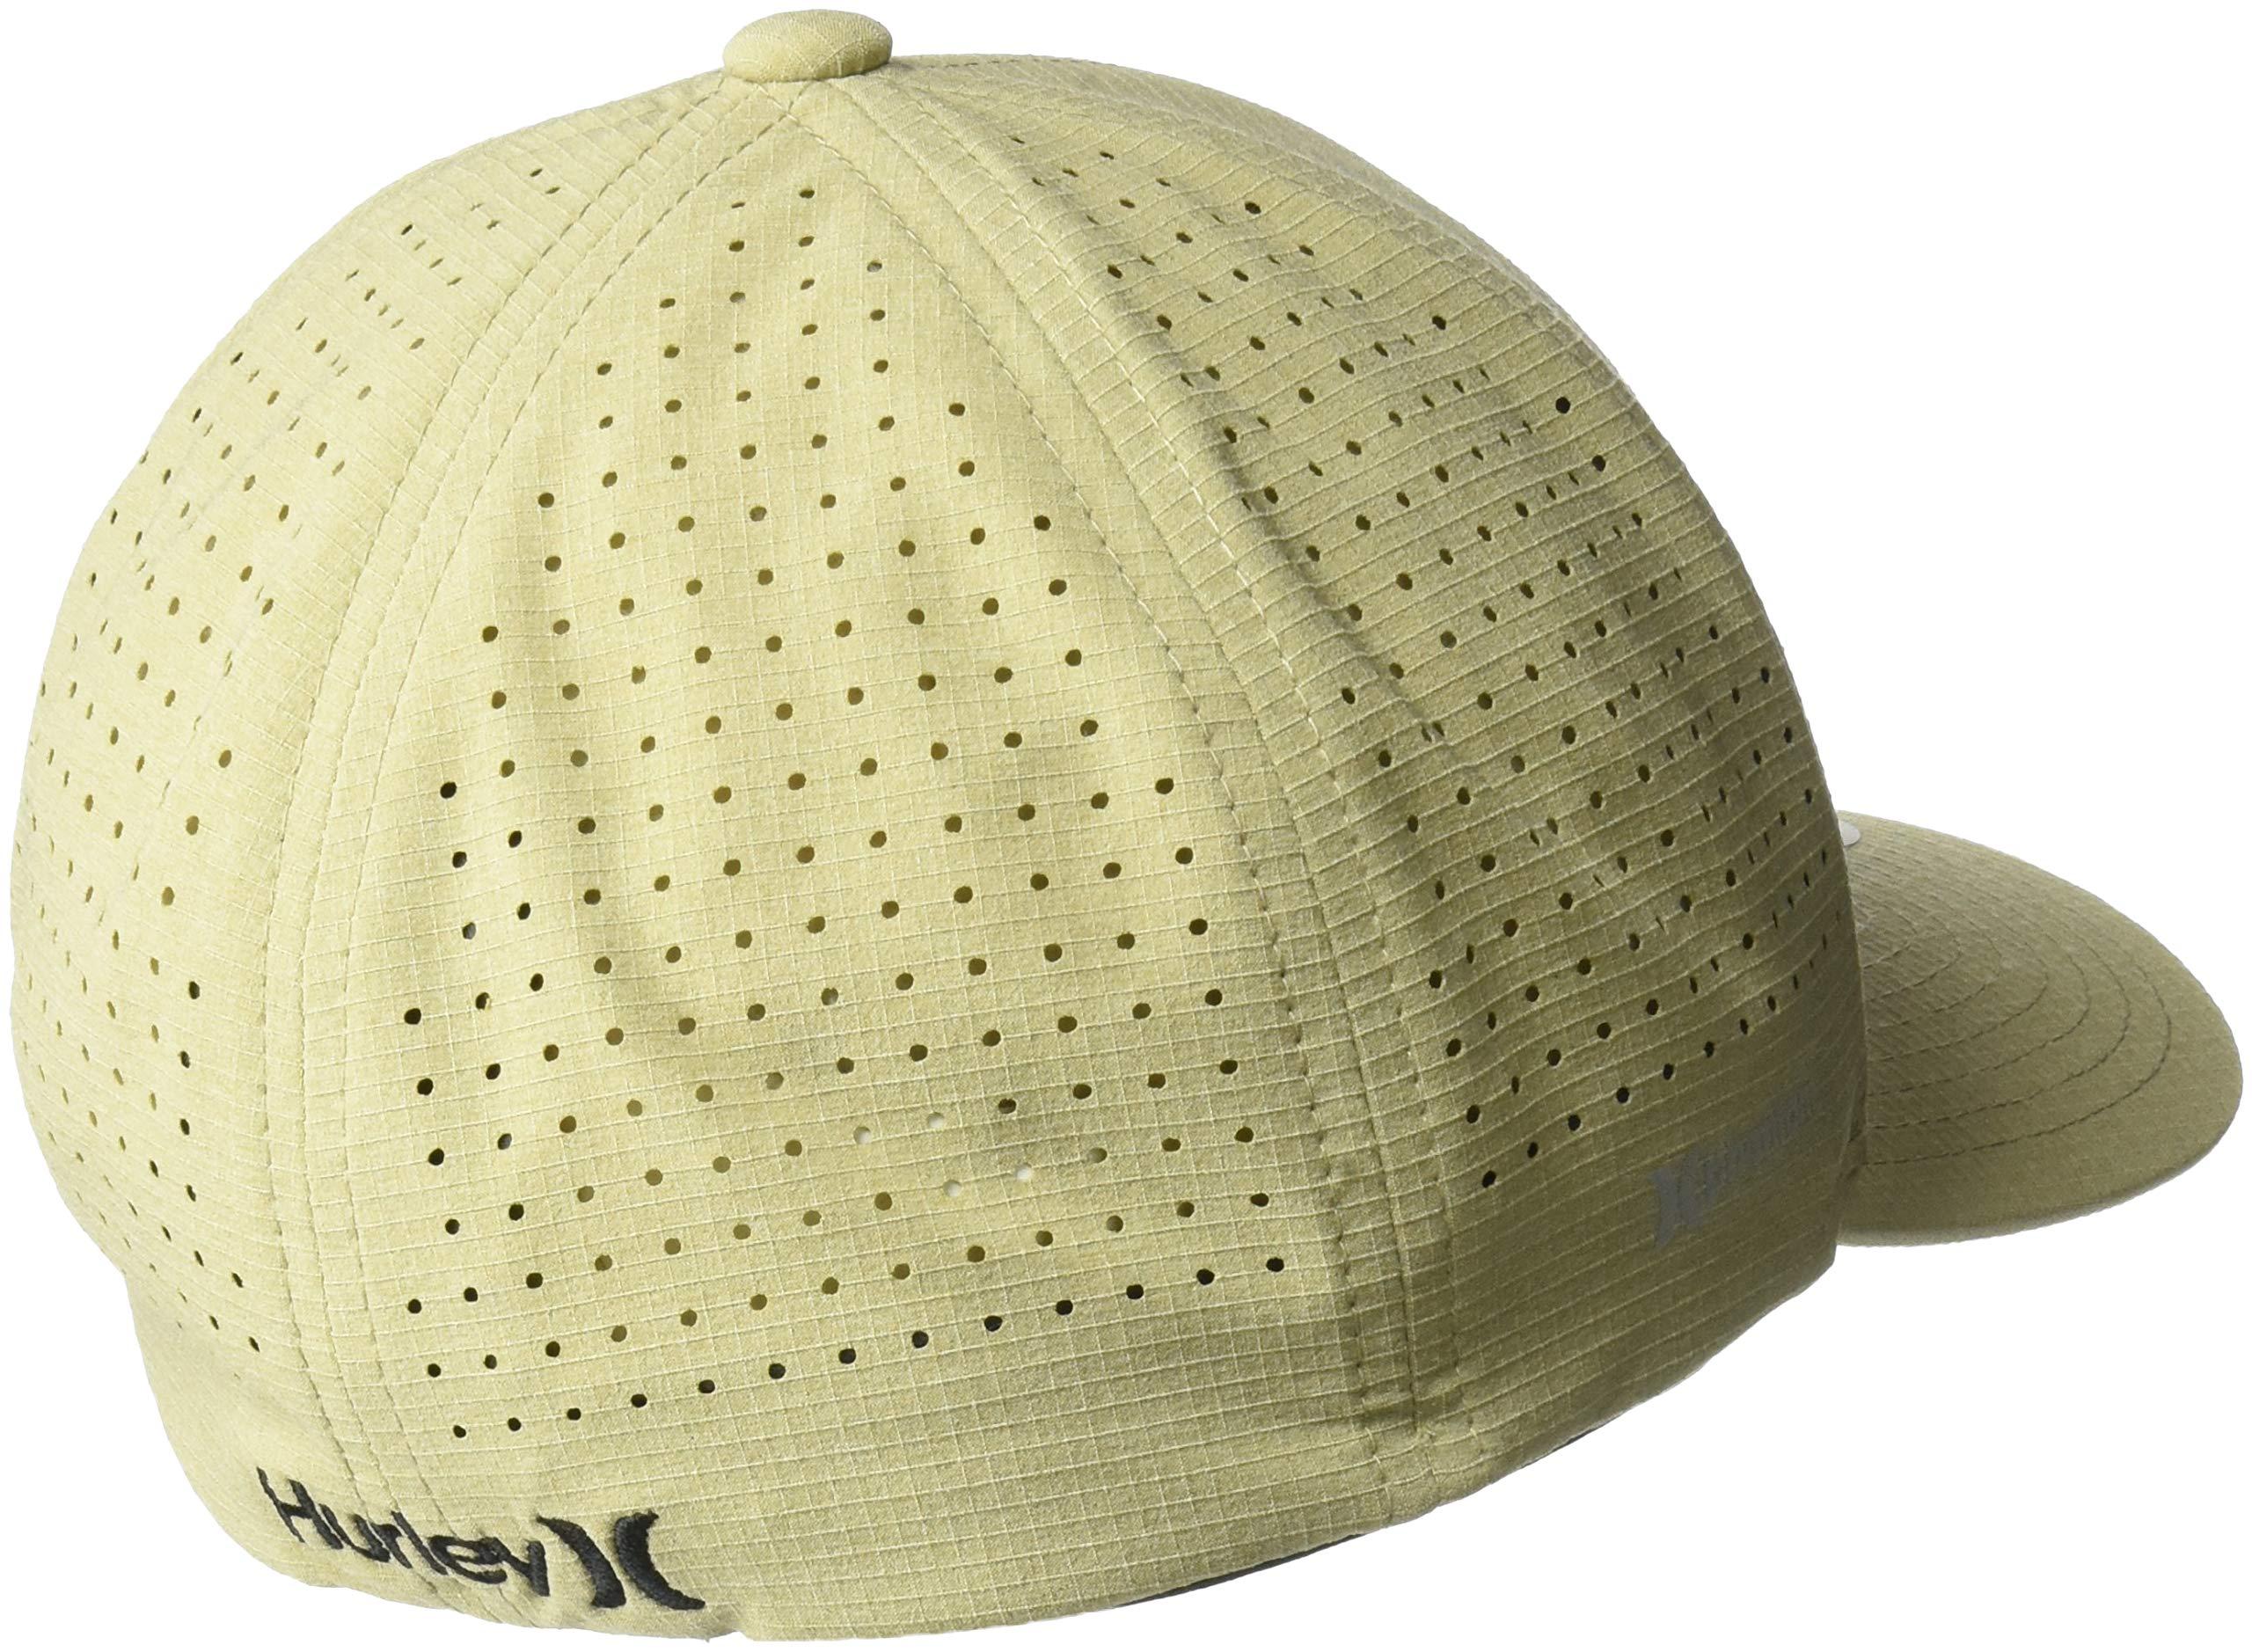 02955c32 Hurley Men's Phantom Ripstop Curved Bill Baseball Cap